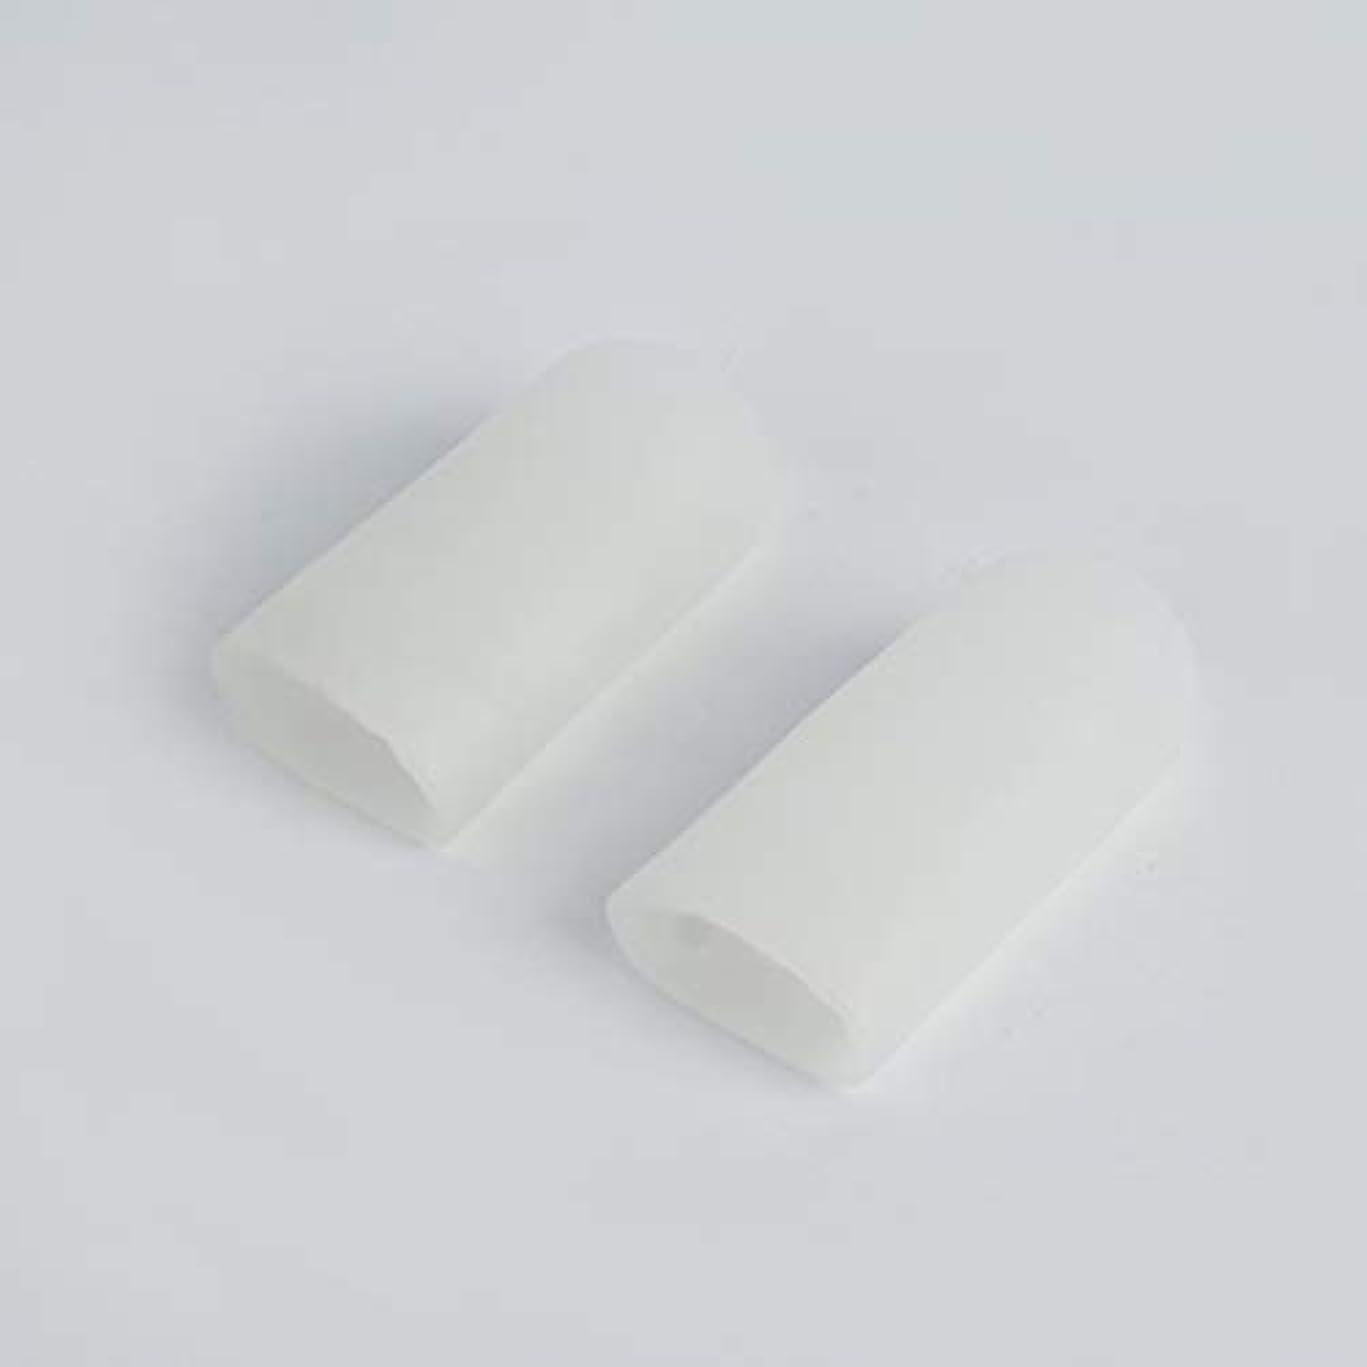 で地質学レールOpen Toe Tubes Gel Lined Fabric Sleeve Protectors To Prevent Corns, Calluses And Blisters While Softening And...